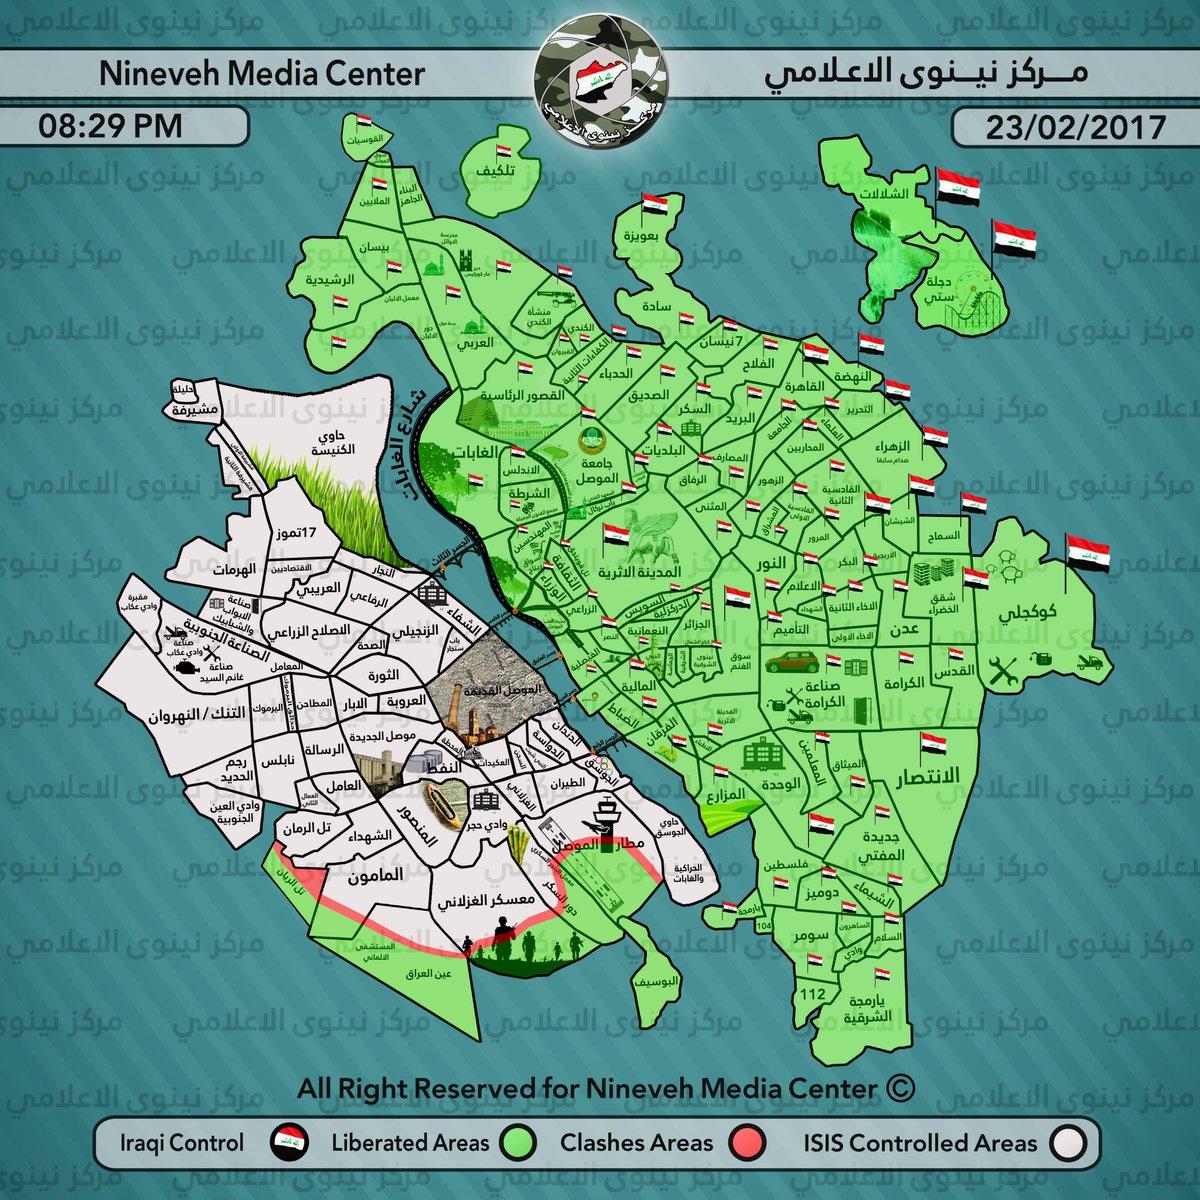 معركة الموصل - صفحة 4 C5Xg4_kWEAY-vDP